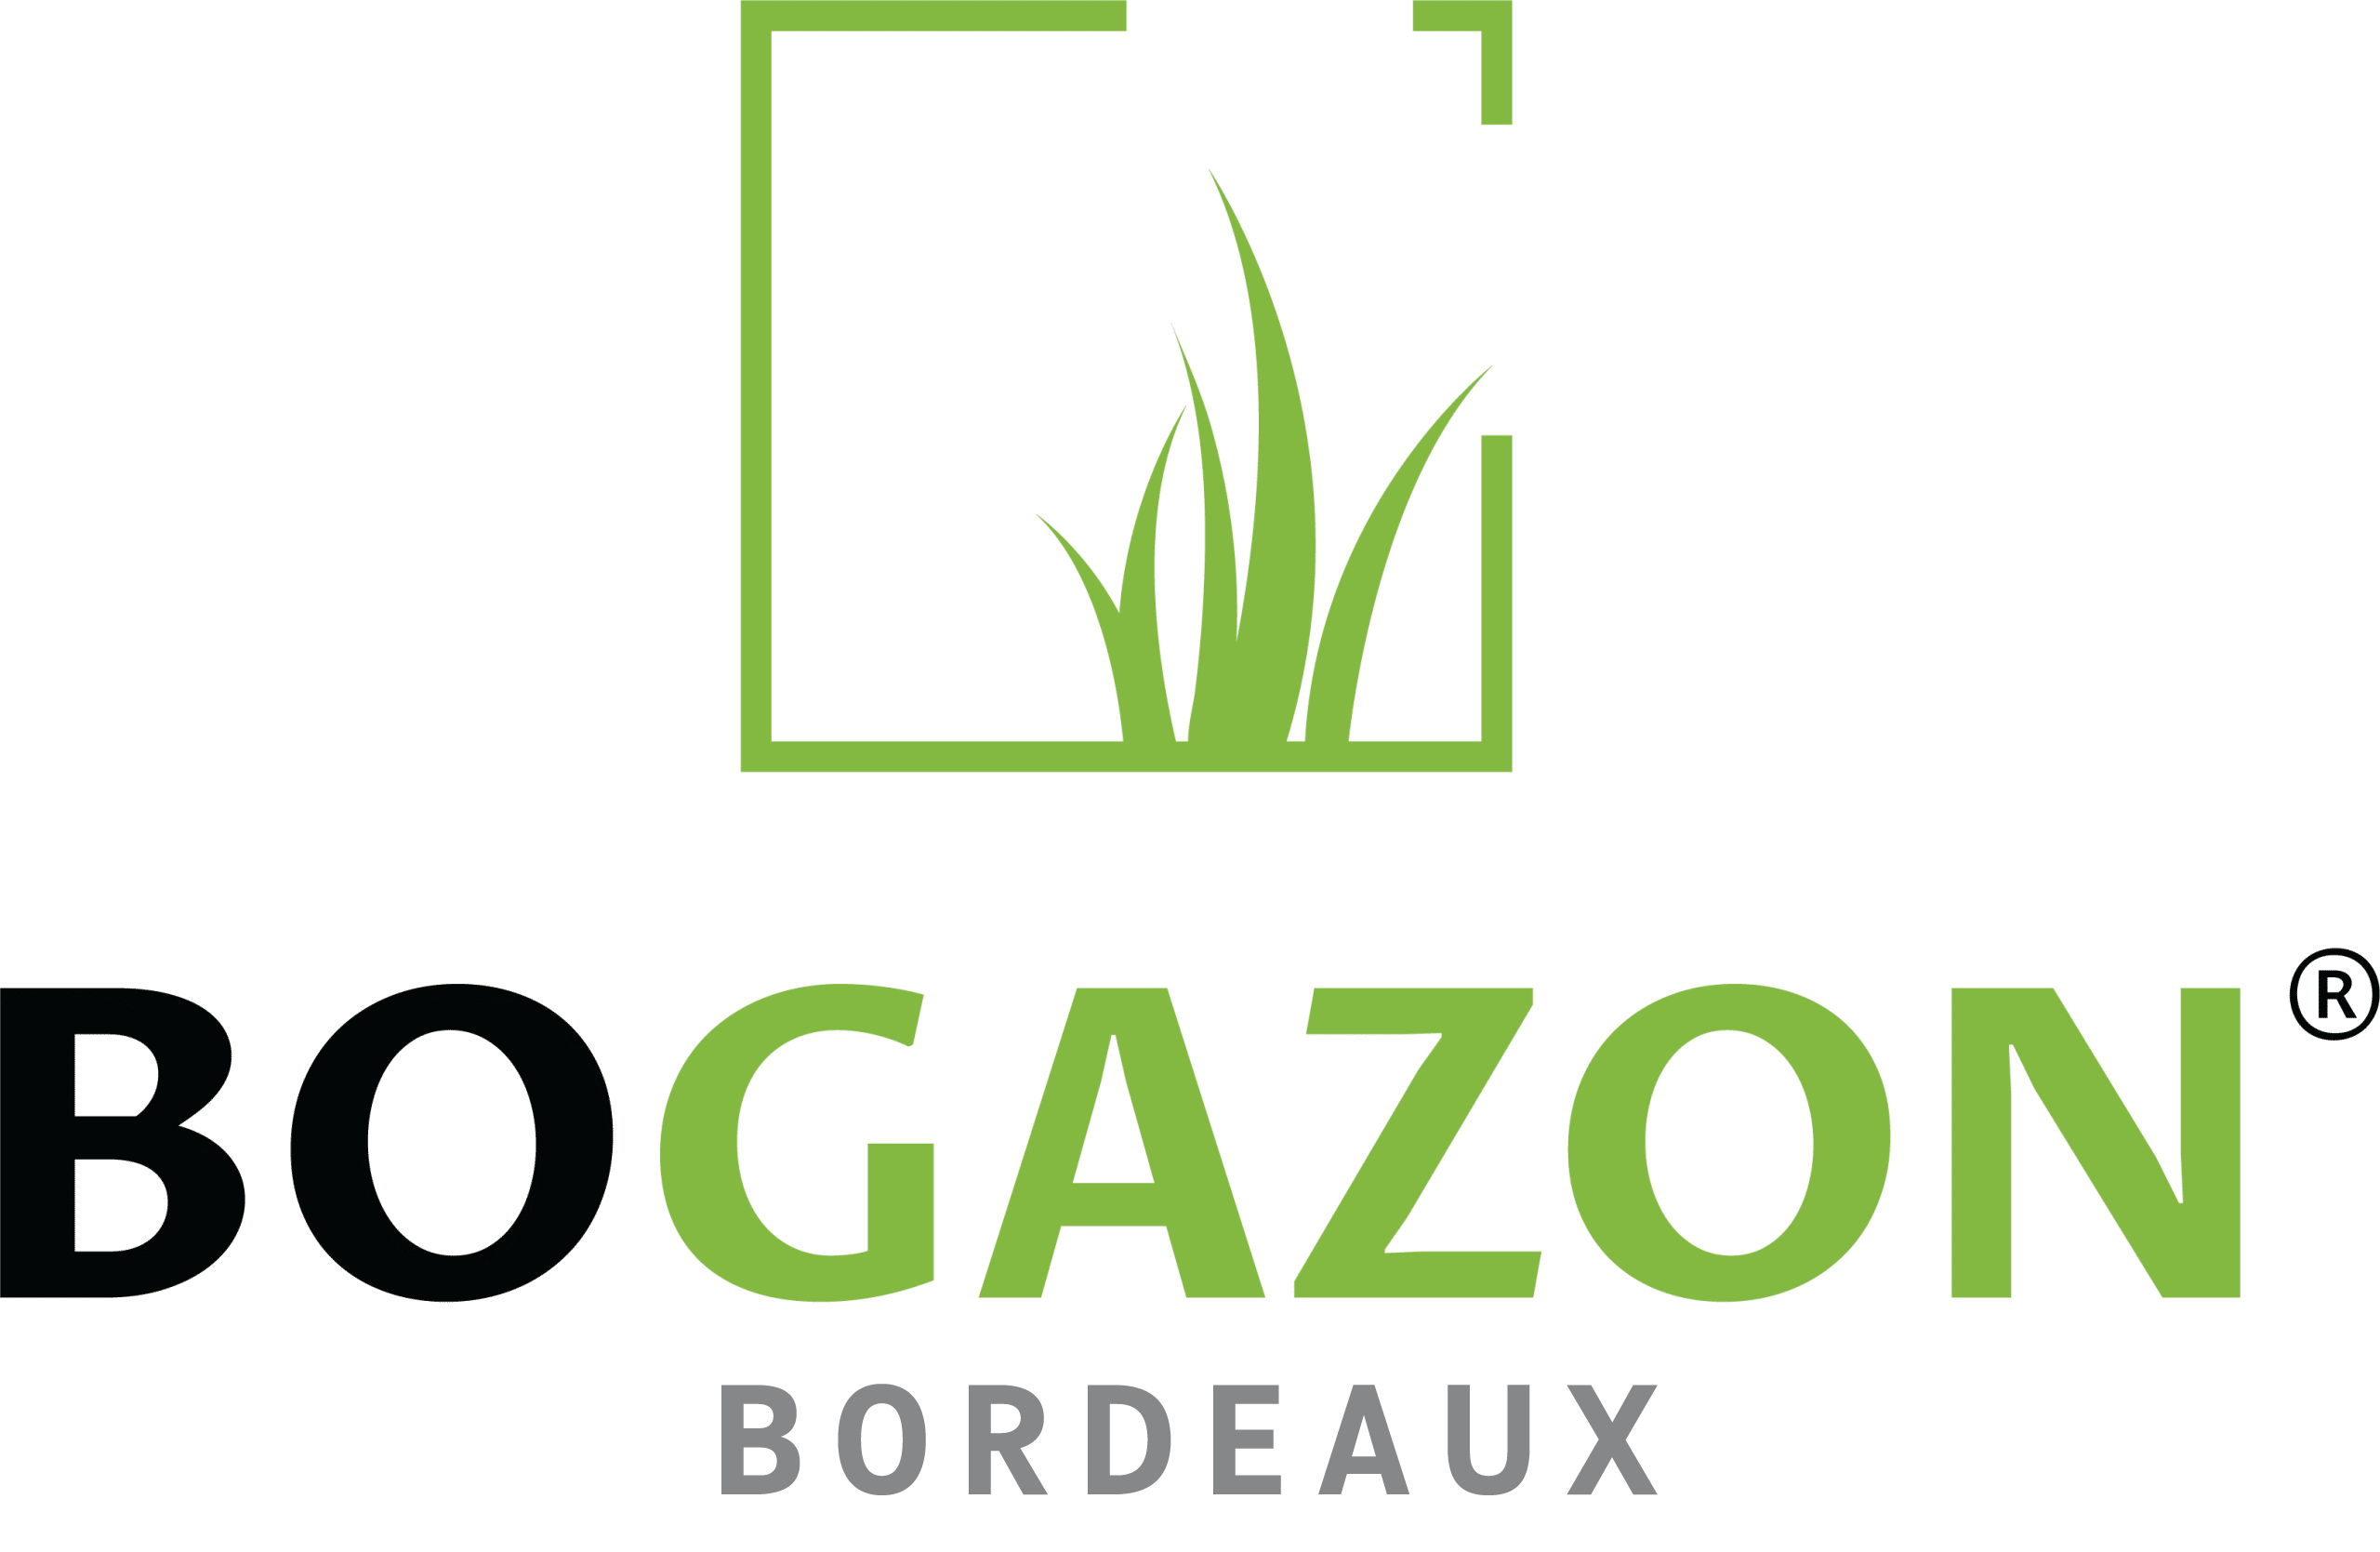 BOGAZON BORDEAUX